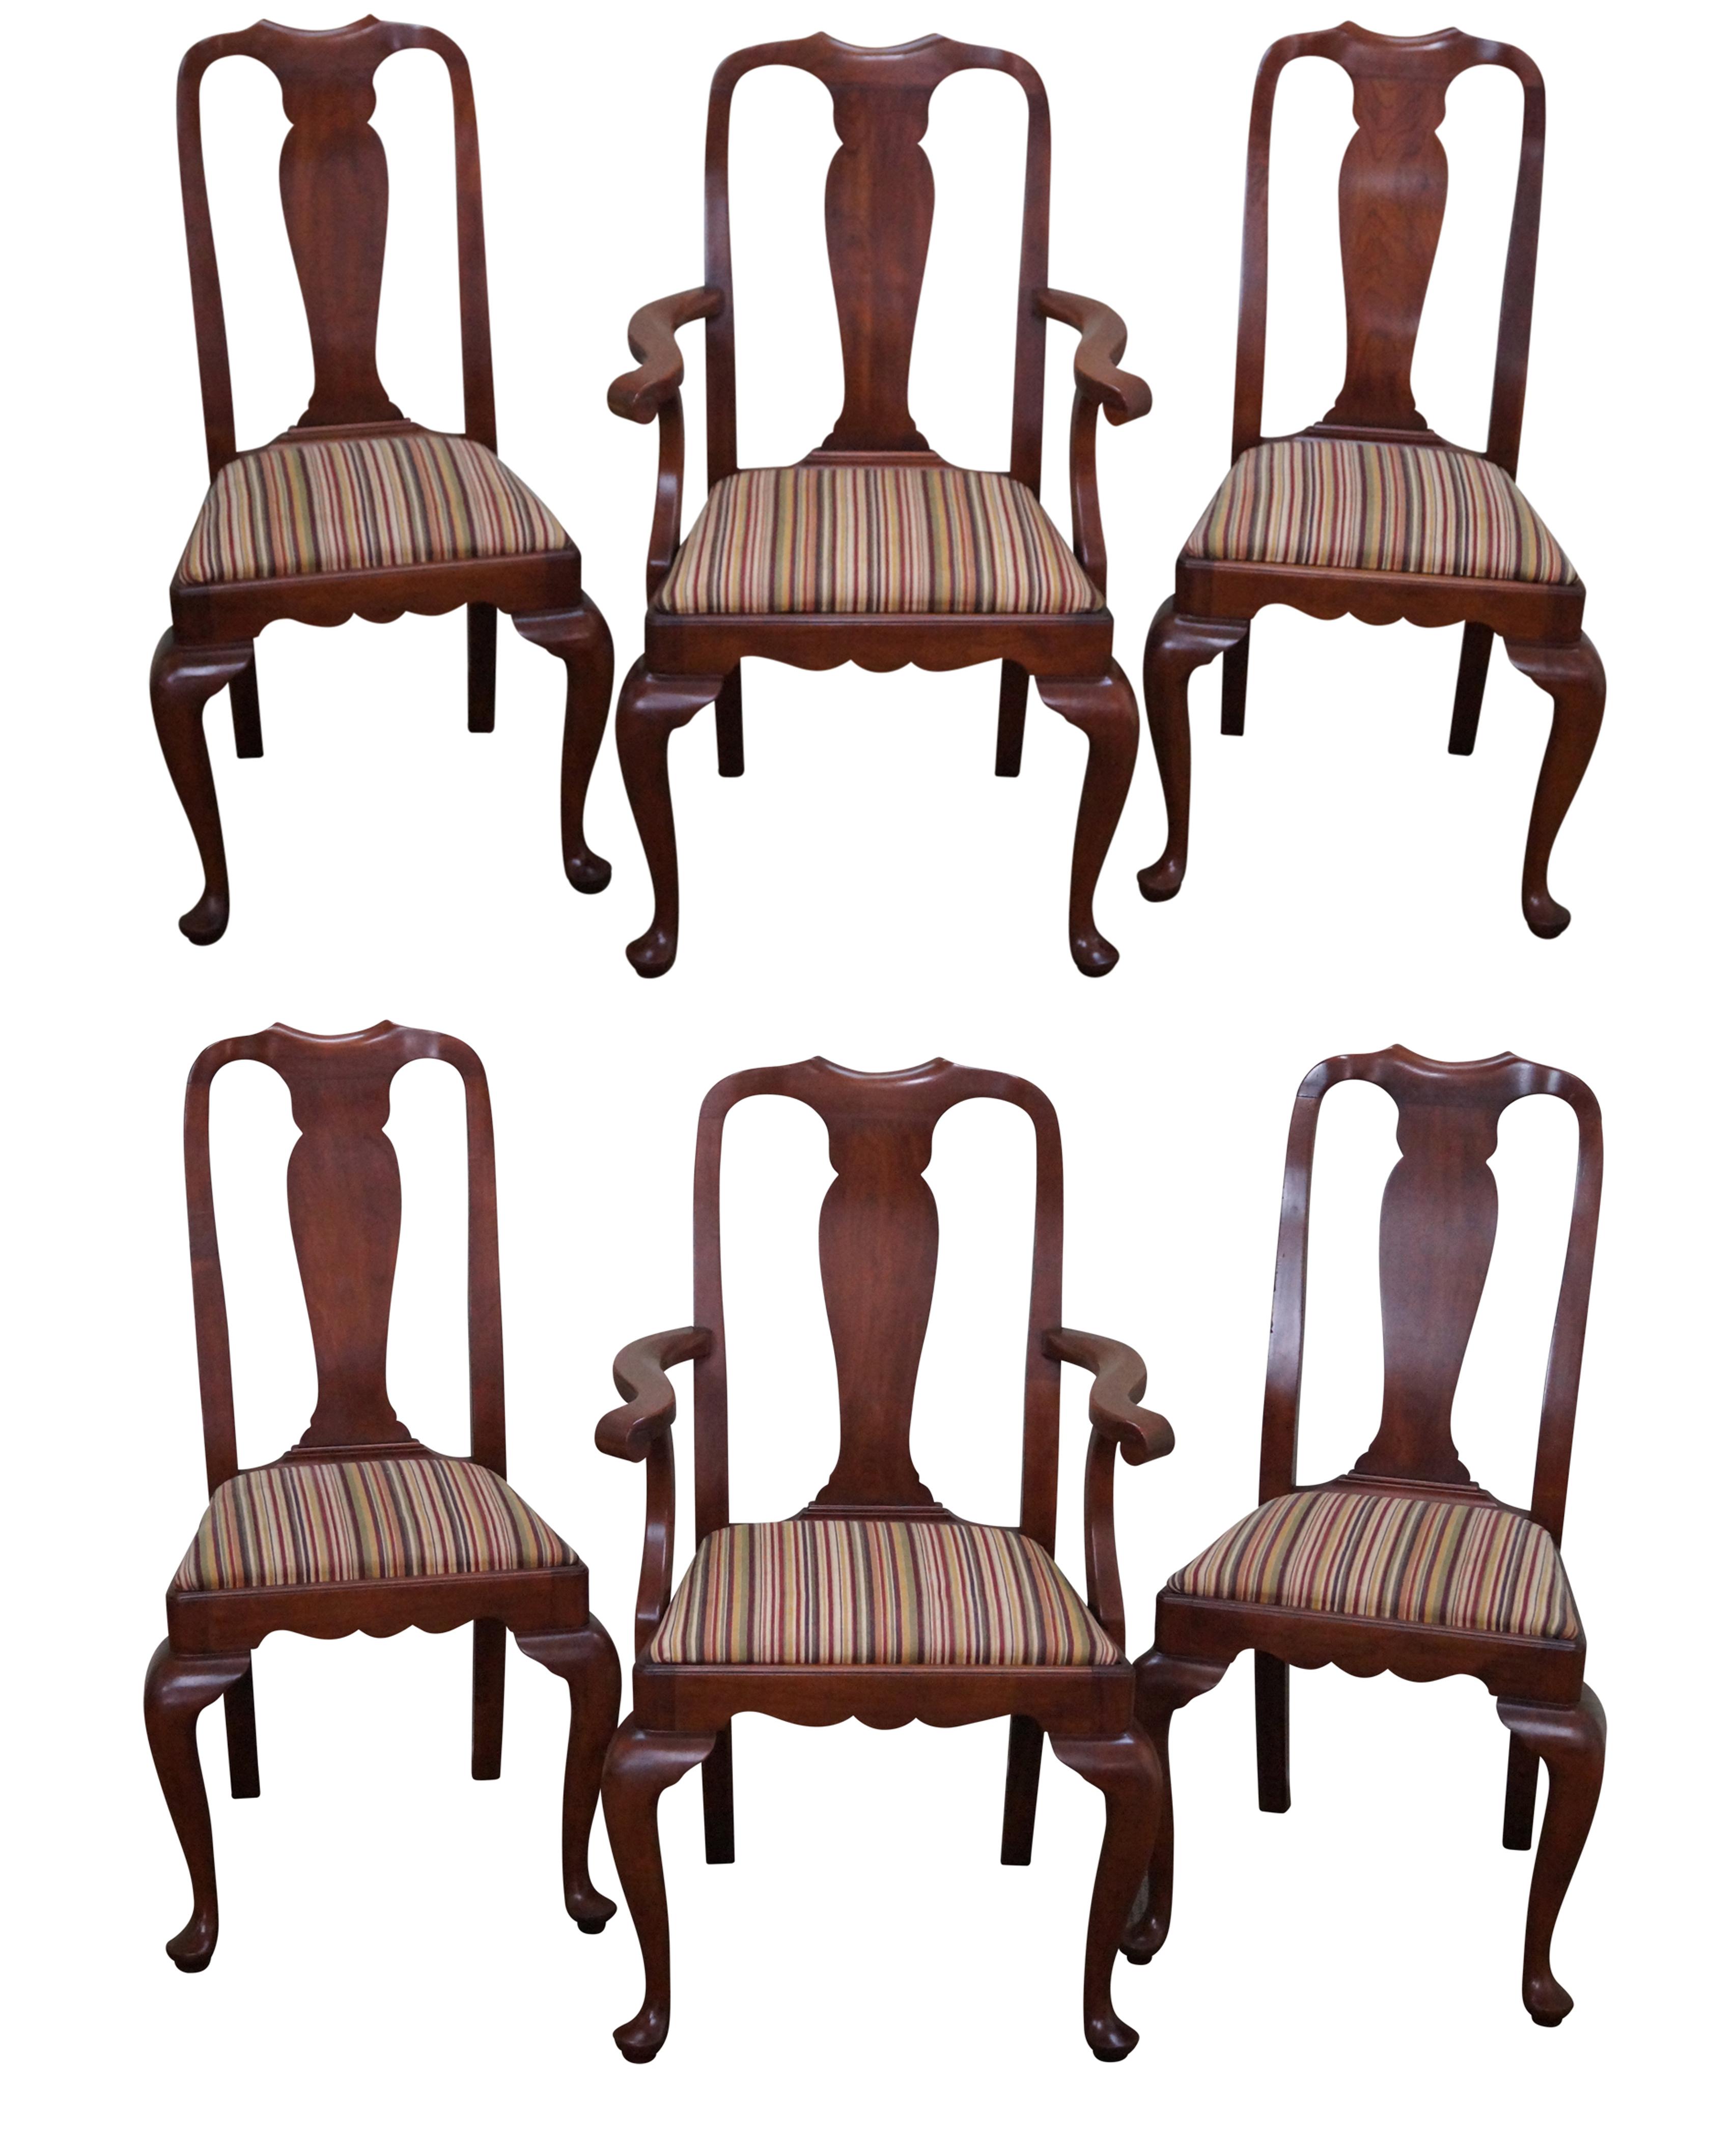 Queen Anne Dining Room Chairs: Henkel Harris Cherry Queen Anne Dining Chairs - 6